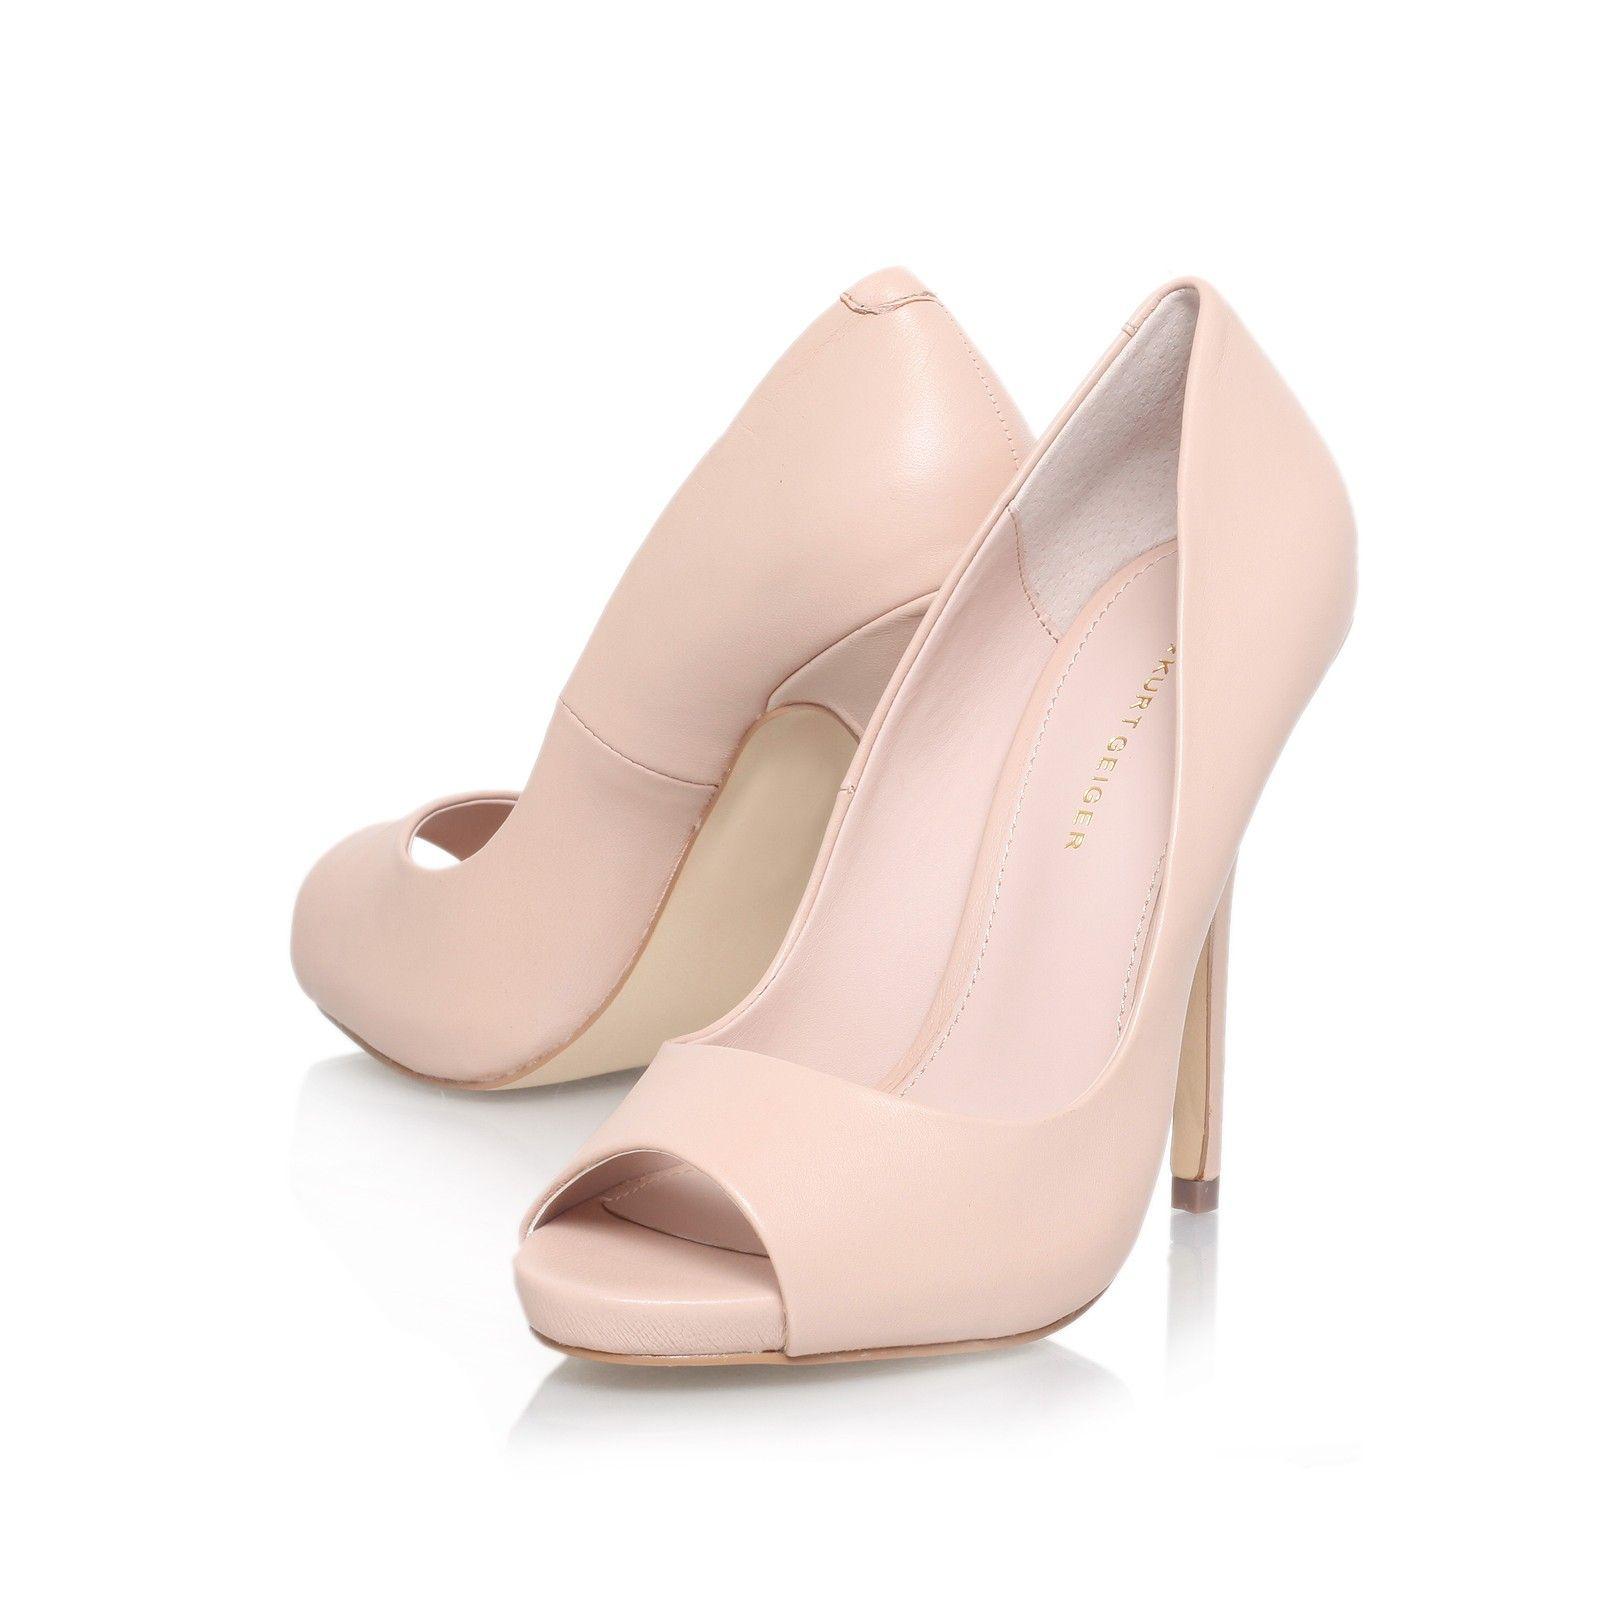 dreamie, nude shoe by kg kurt geiger -